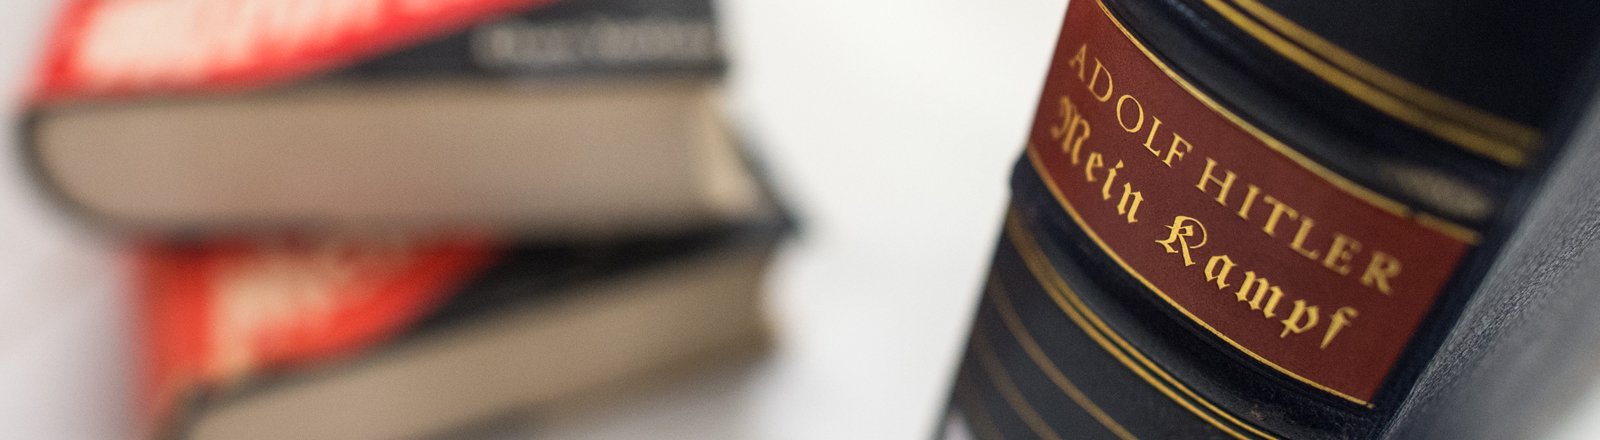 """Der Buchrücken einer Jubiläumsausgabe von Adolf Hitlers Schrift """"Mein Kampf"""", die zu Hitlers Geburtstag im Jahr 1939 erschienen war, ist am 11.12.2015 in den Räumen vom Institut für Zeitgeschichte (IfZ) in München (Bayern) vor weiteren Ausgaben aus den 1930er Jahren zu sehen."""